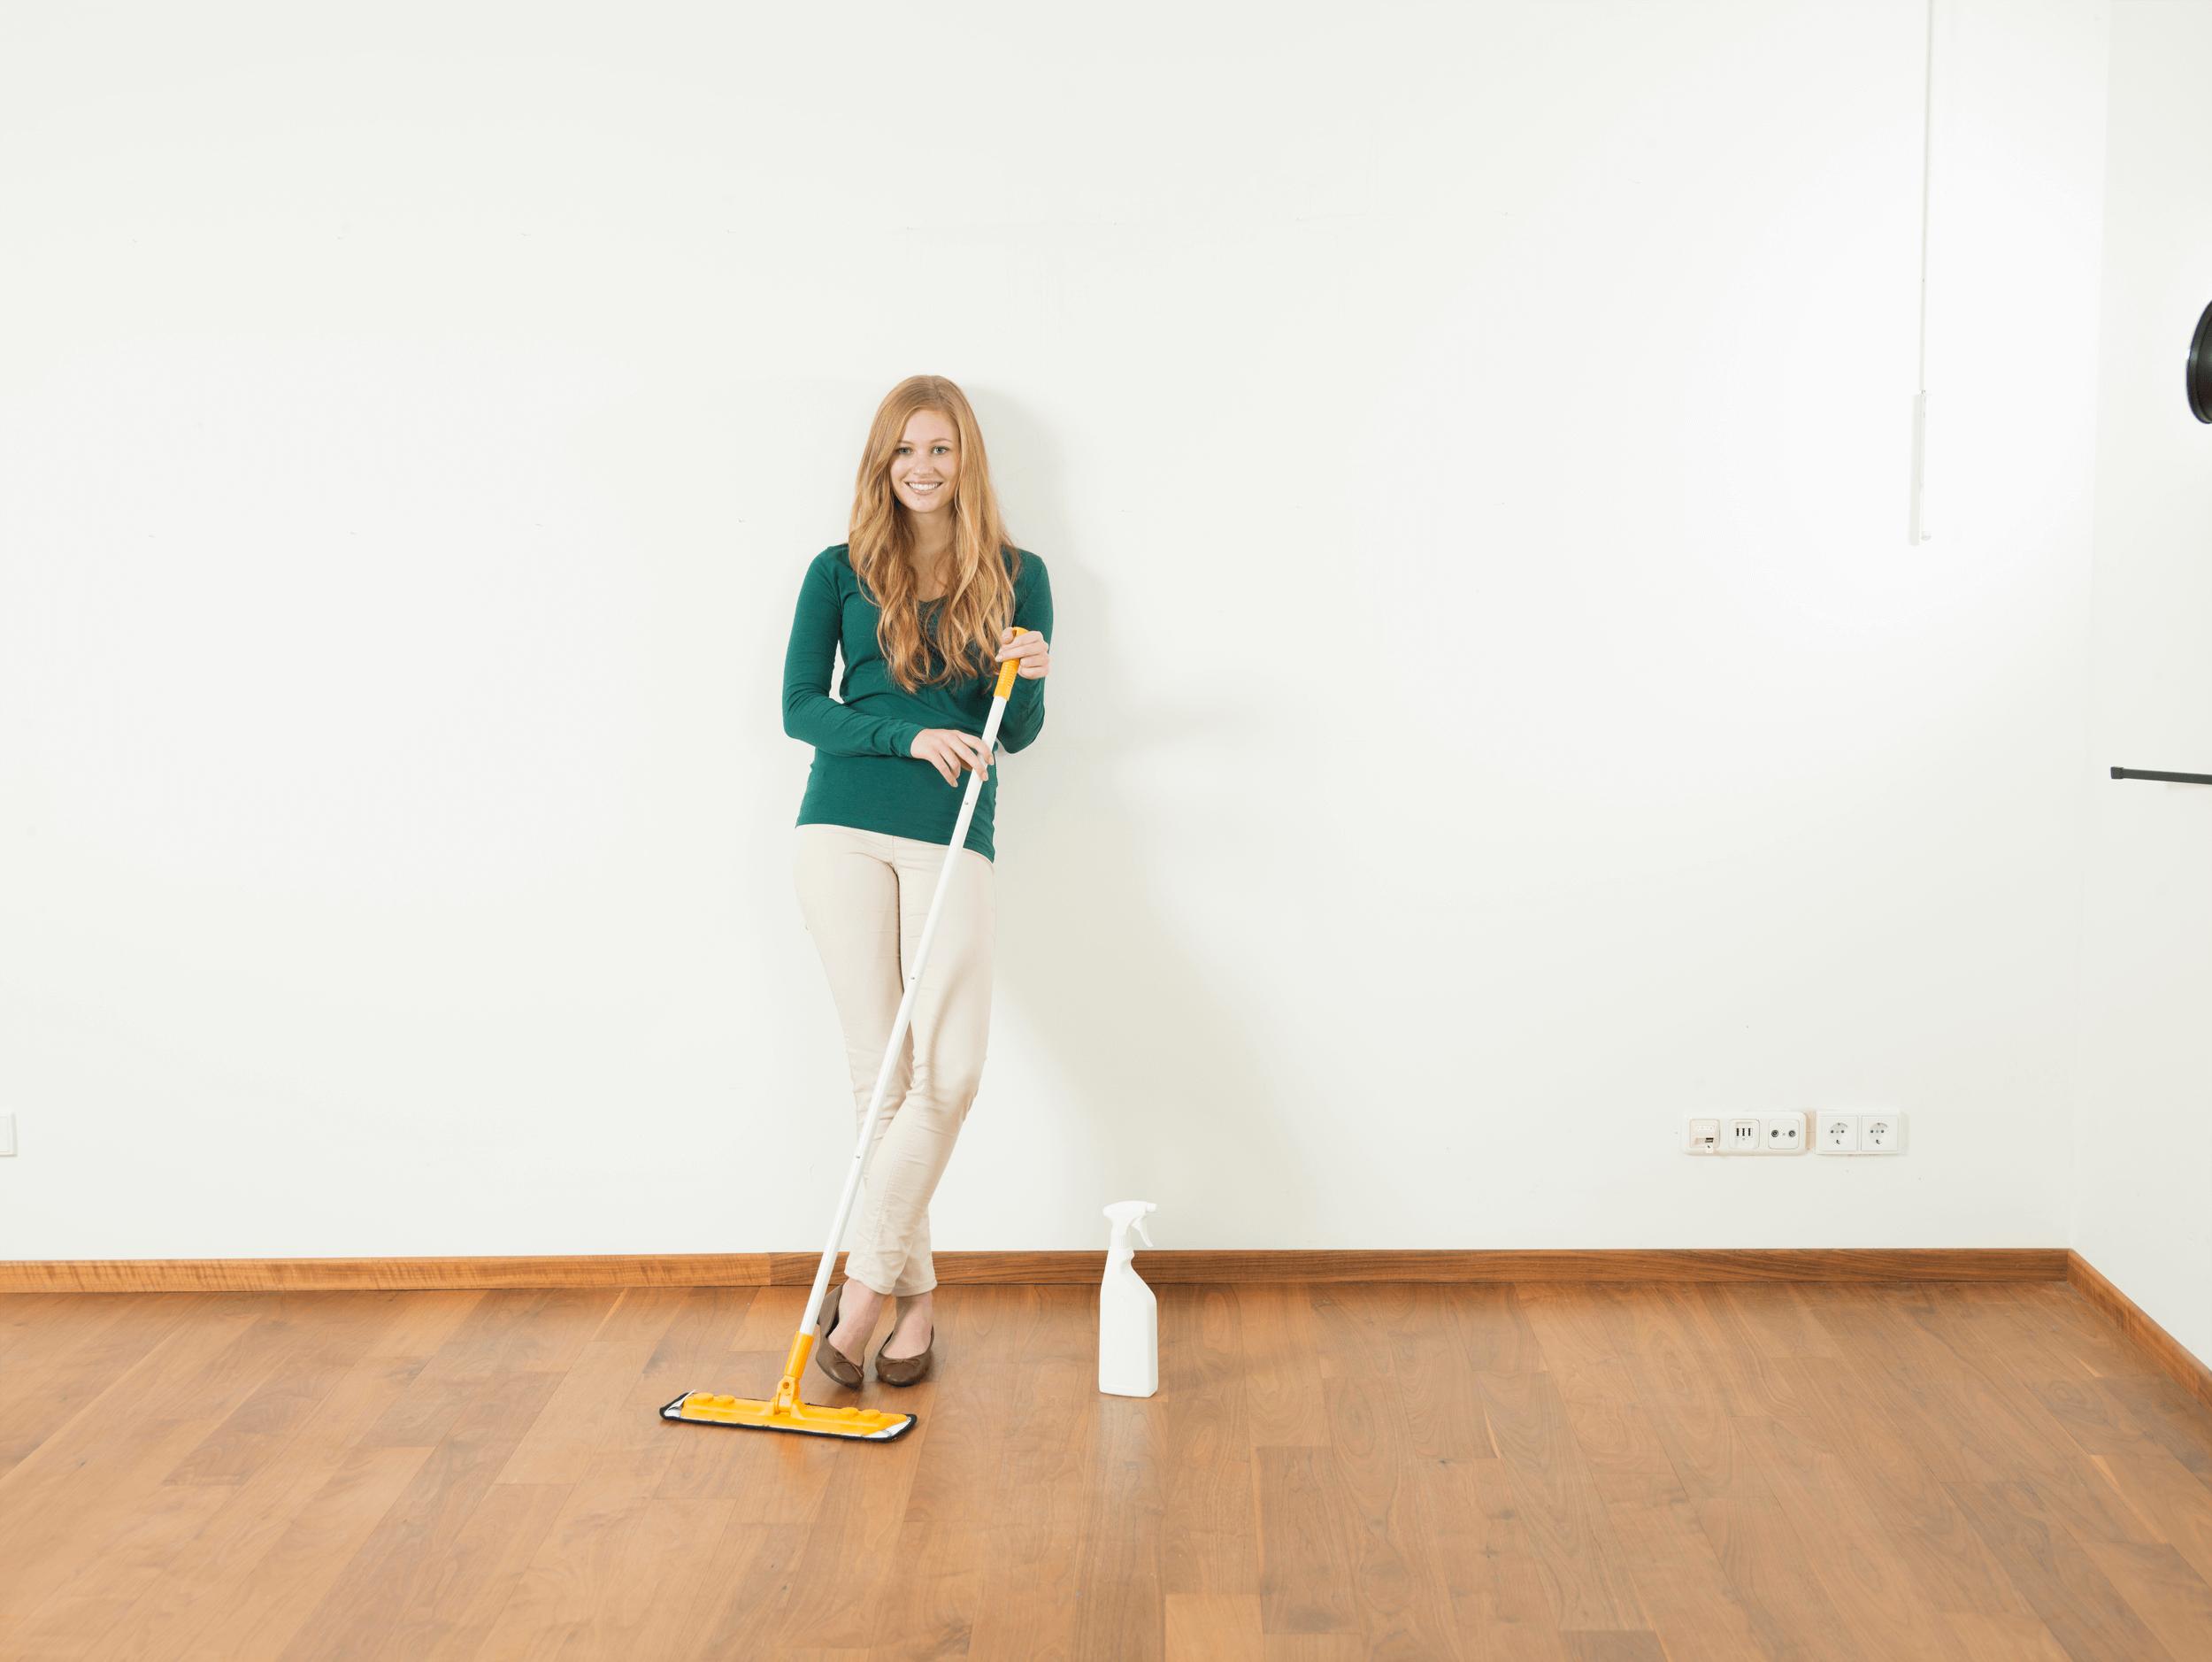 Fußbodenbelag Reinigen ~ Richtig reinigen und pflegen u so schützen sie ihr parkett